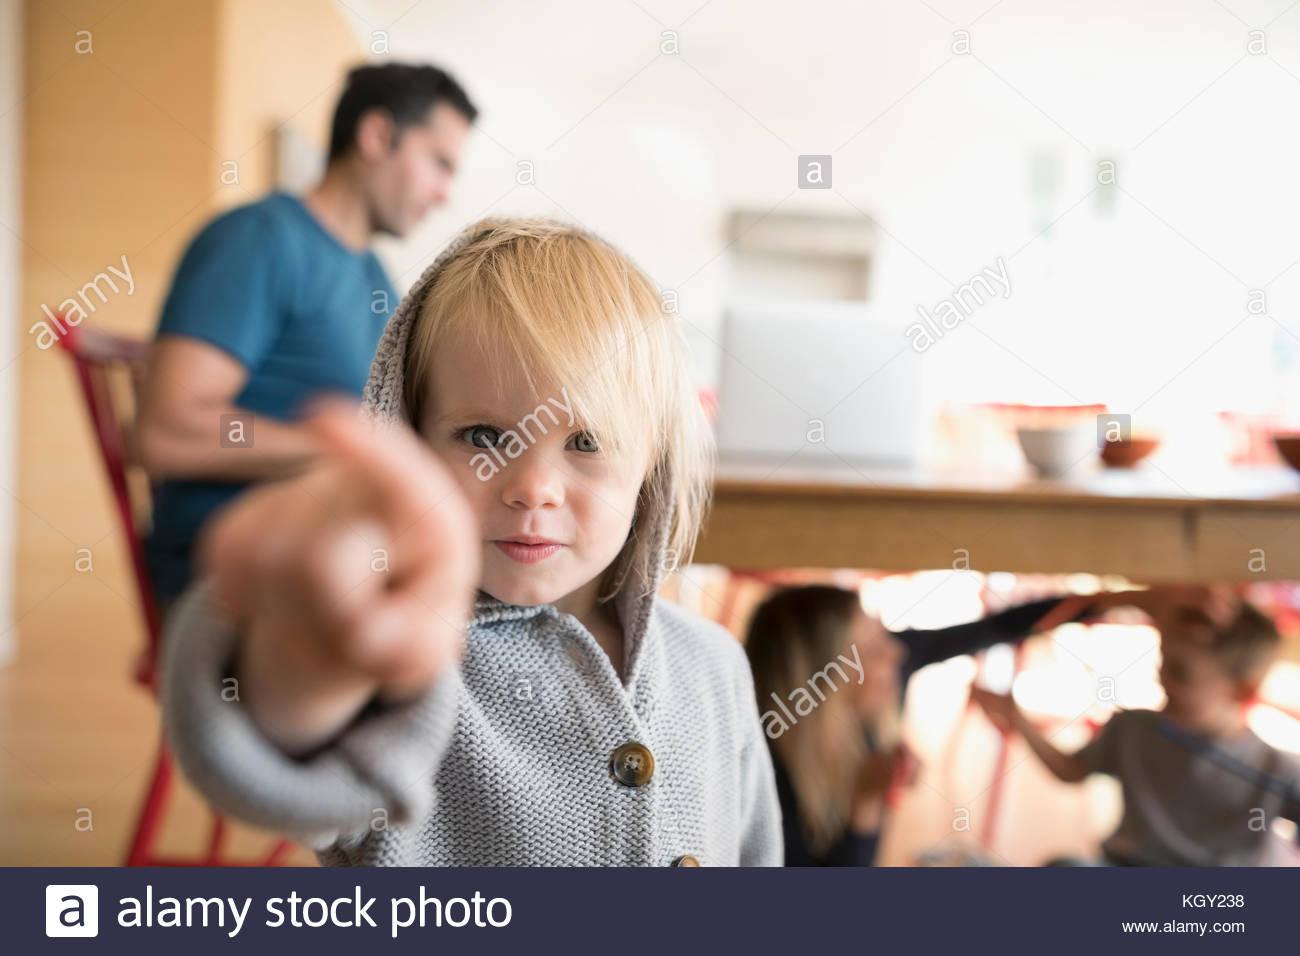 El retrato Niño apuntando chica rubia graves Imagen De Stock